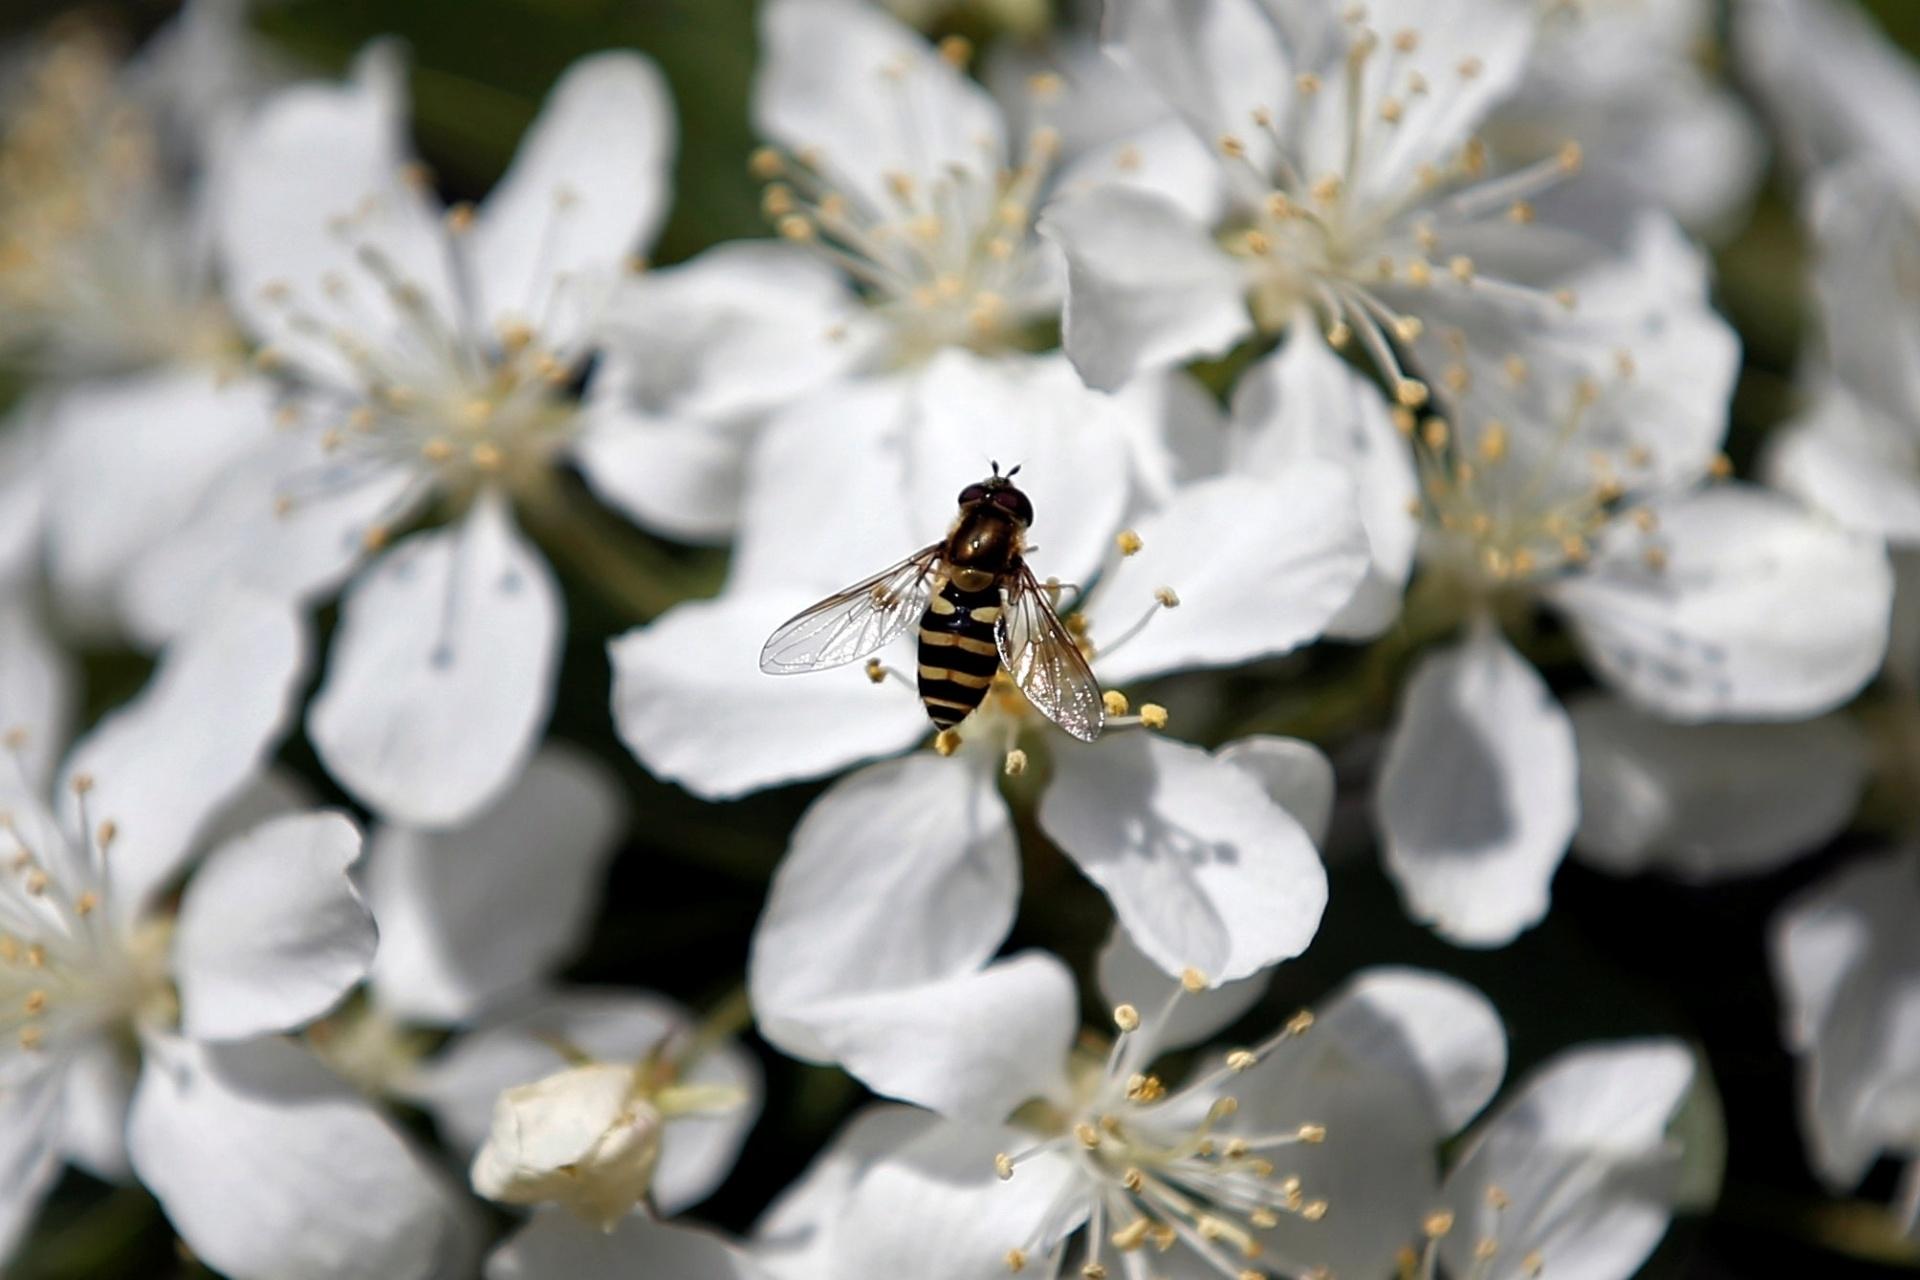 21.abr.2016 - Abelha voa sobre flores que desabrocham no Riverside Park, na cidade de Nova York (EUA)